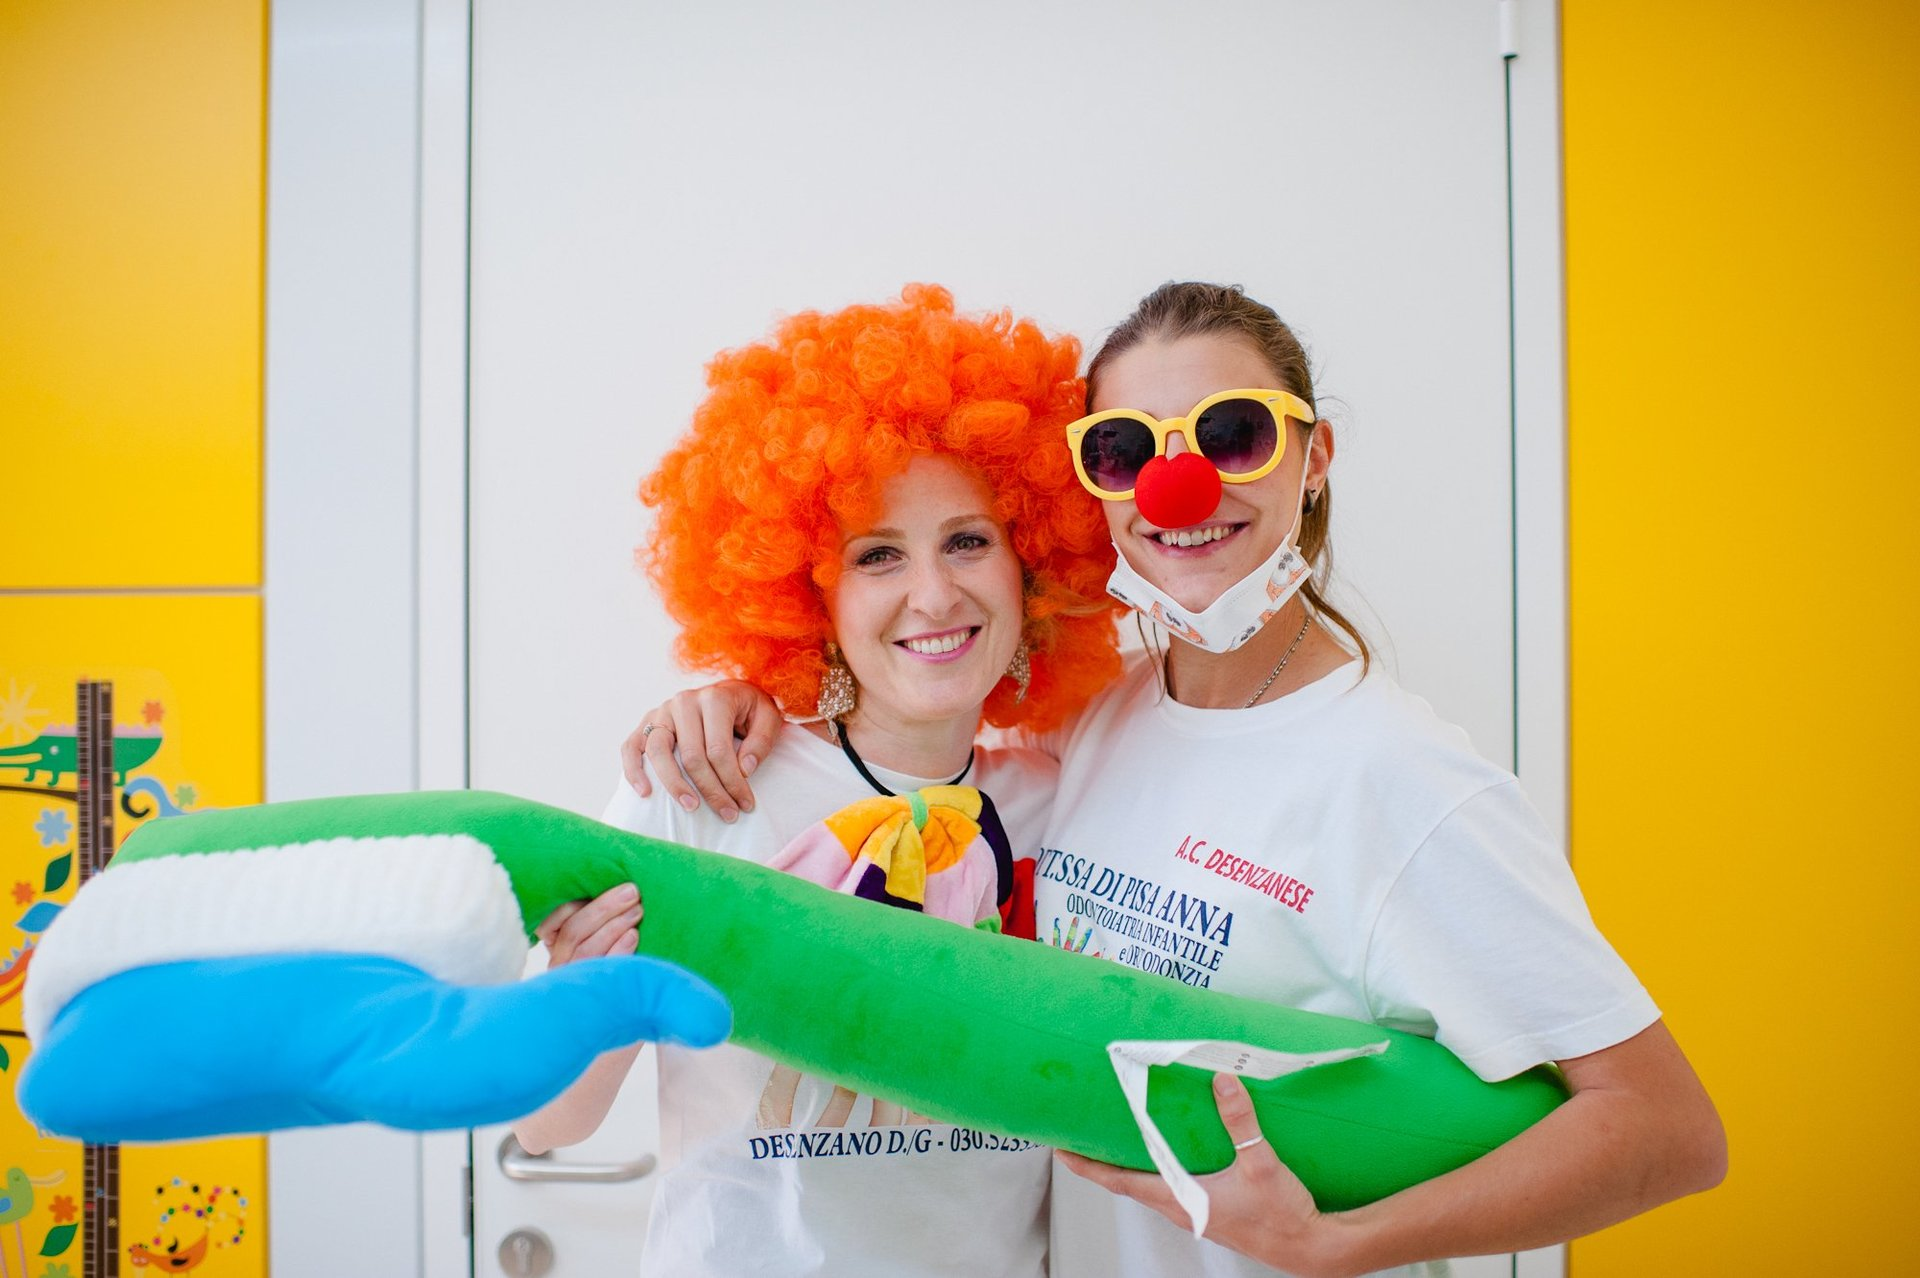 Dentiste per bambini con costumi colorati